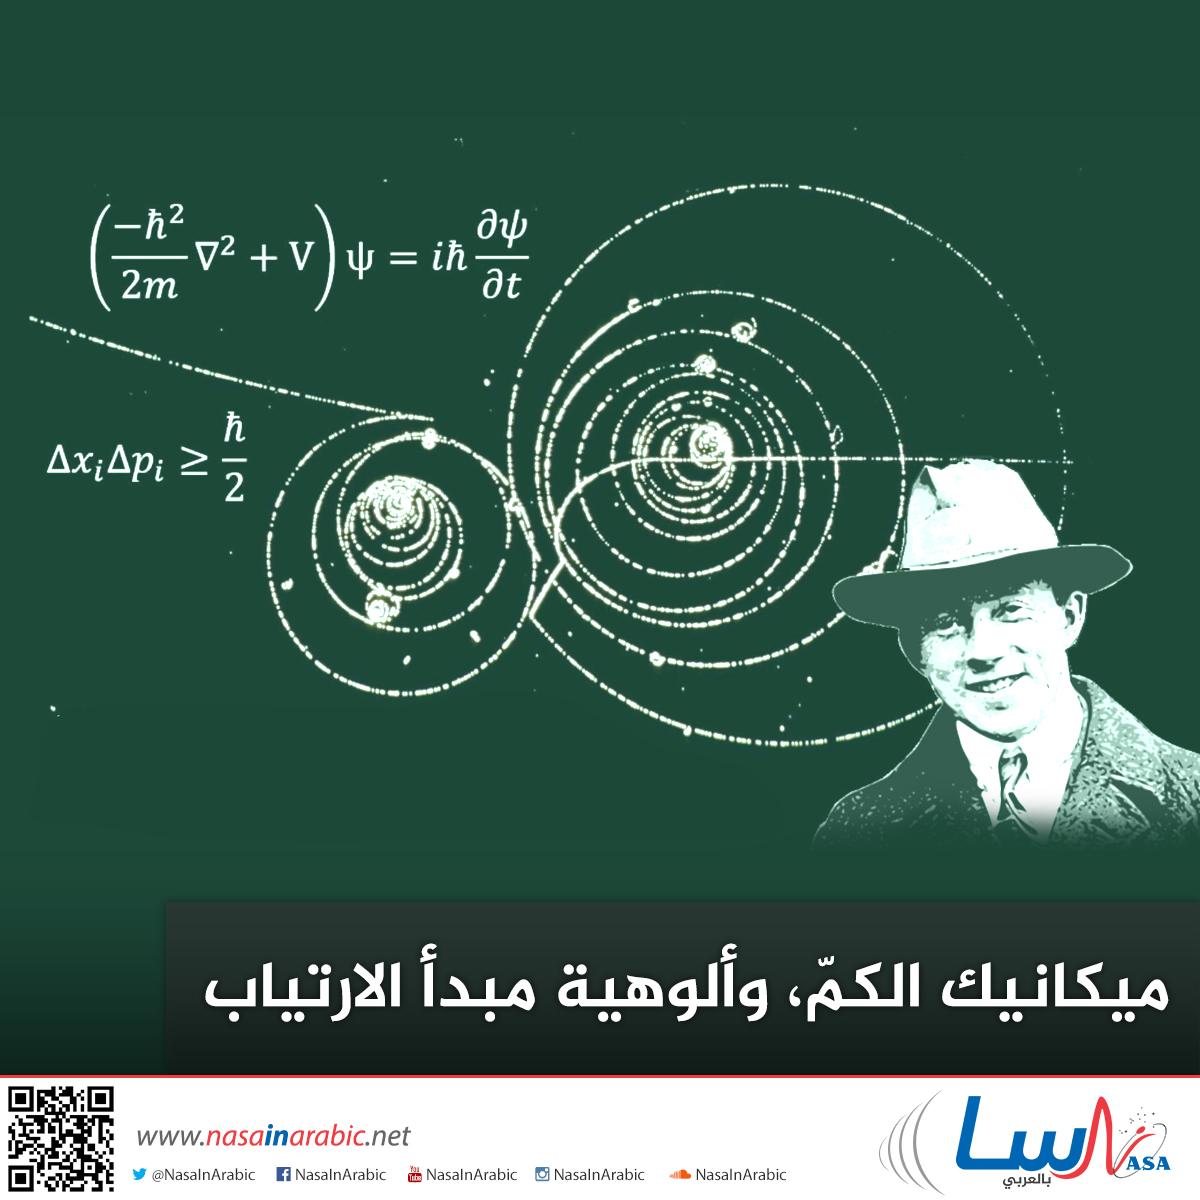 ميكانيك الكمّ، وألوهية مبدأ الارتياب